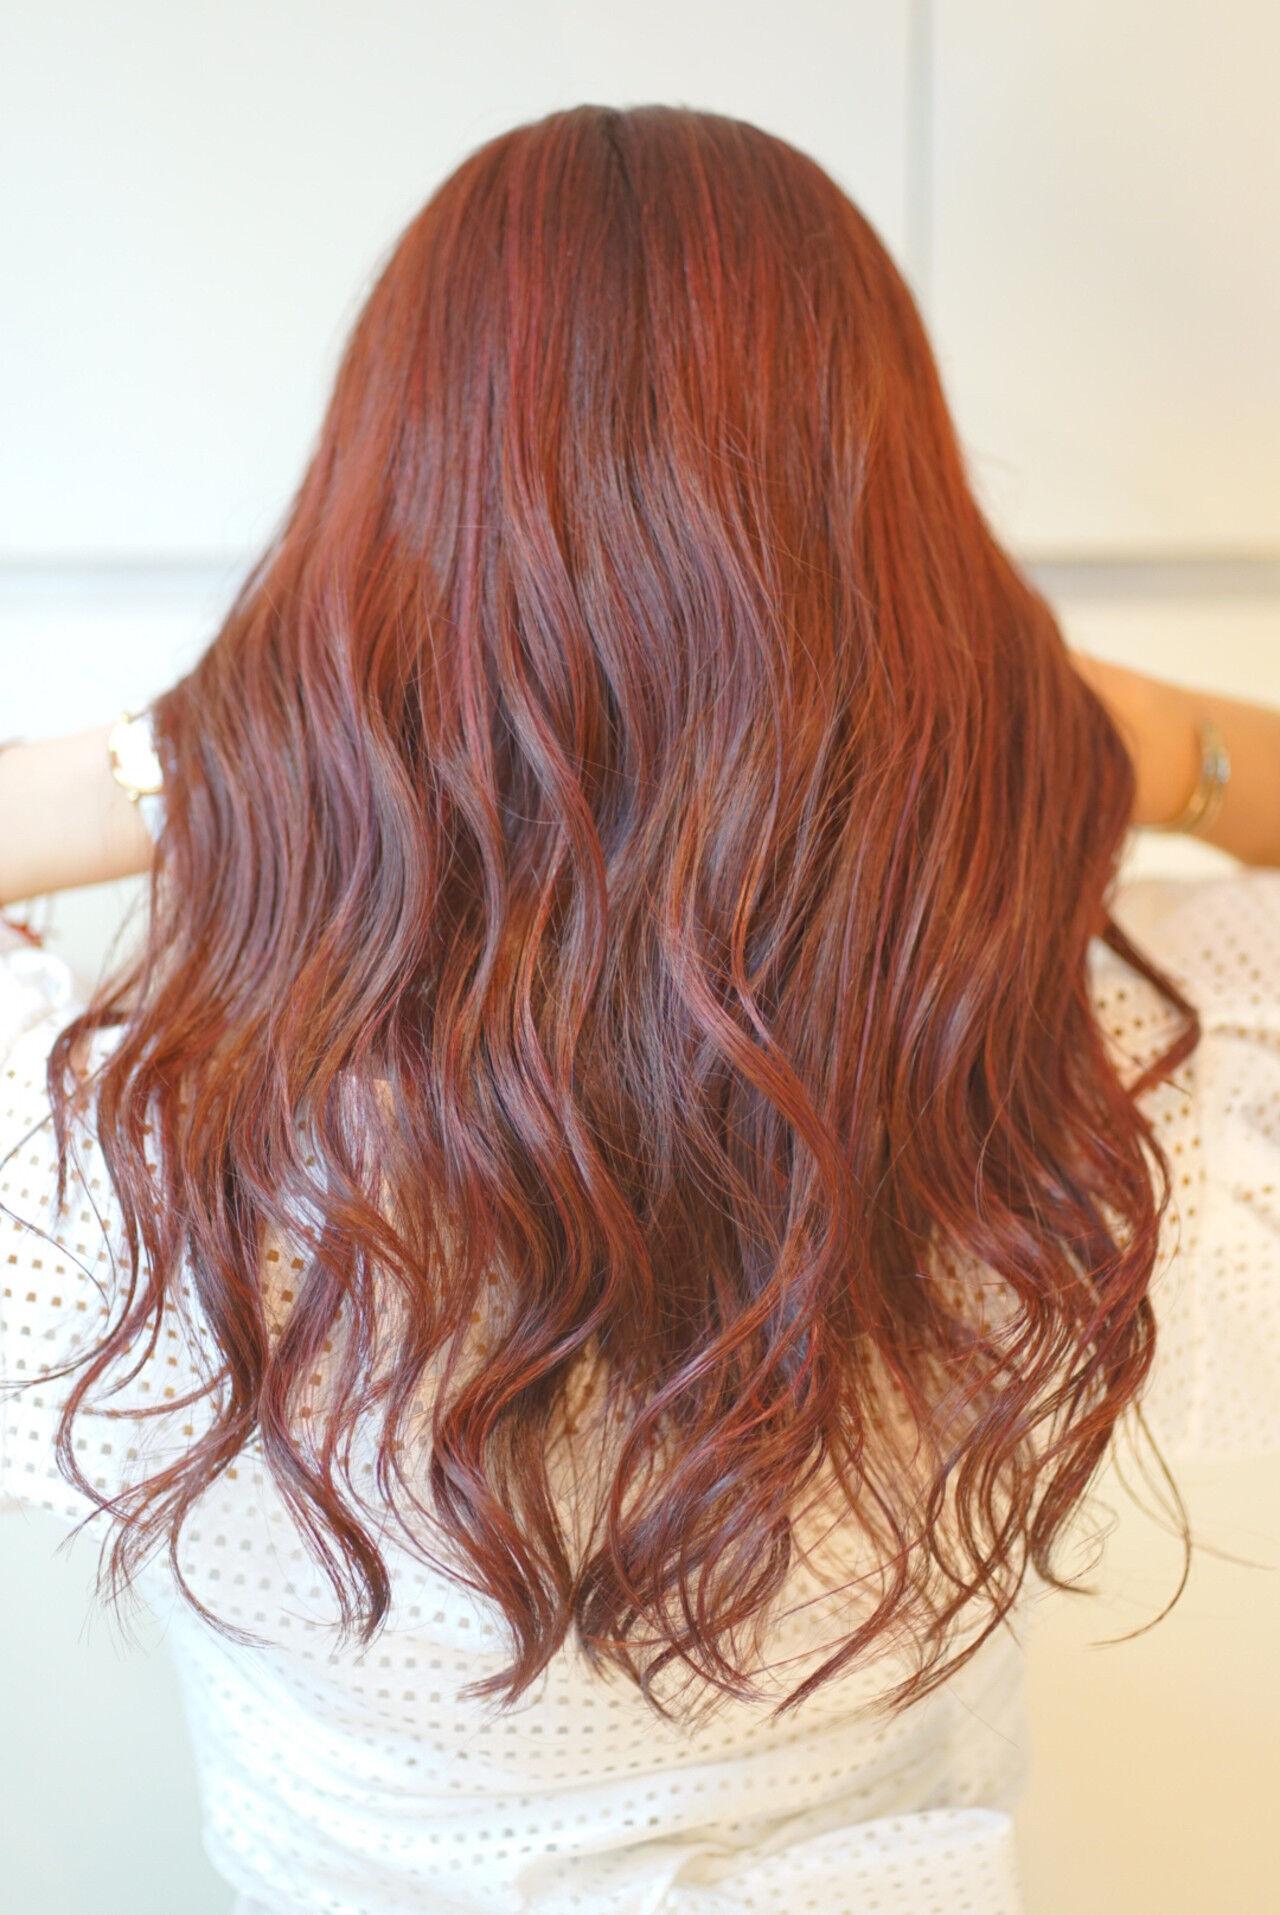 セミロング ガーリー 秋ブラウン ピンクヘアスタイルや髪型の写真・画像